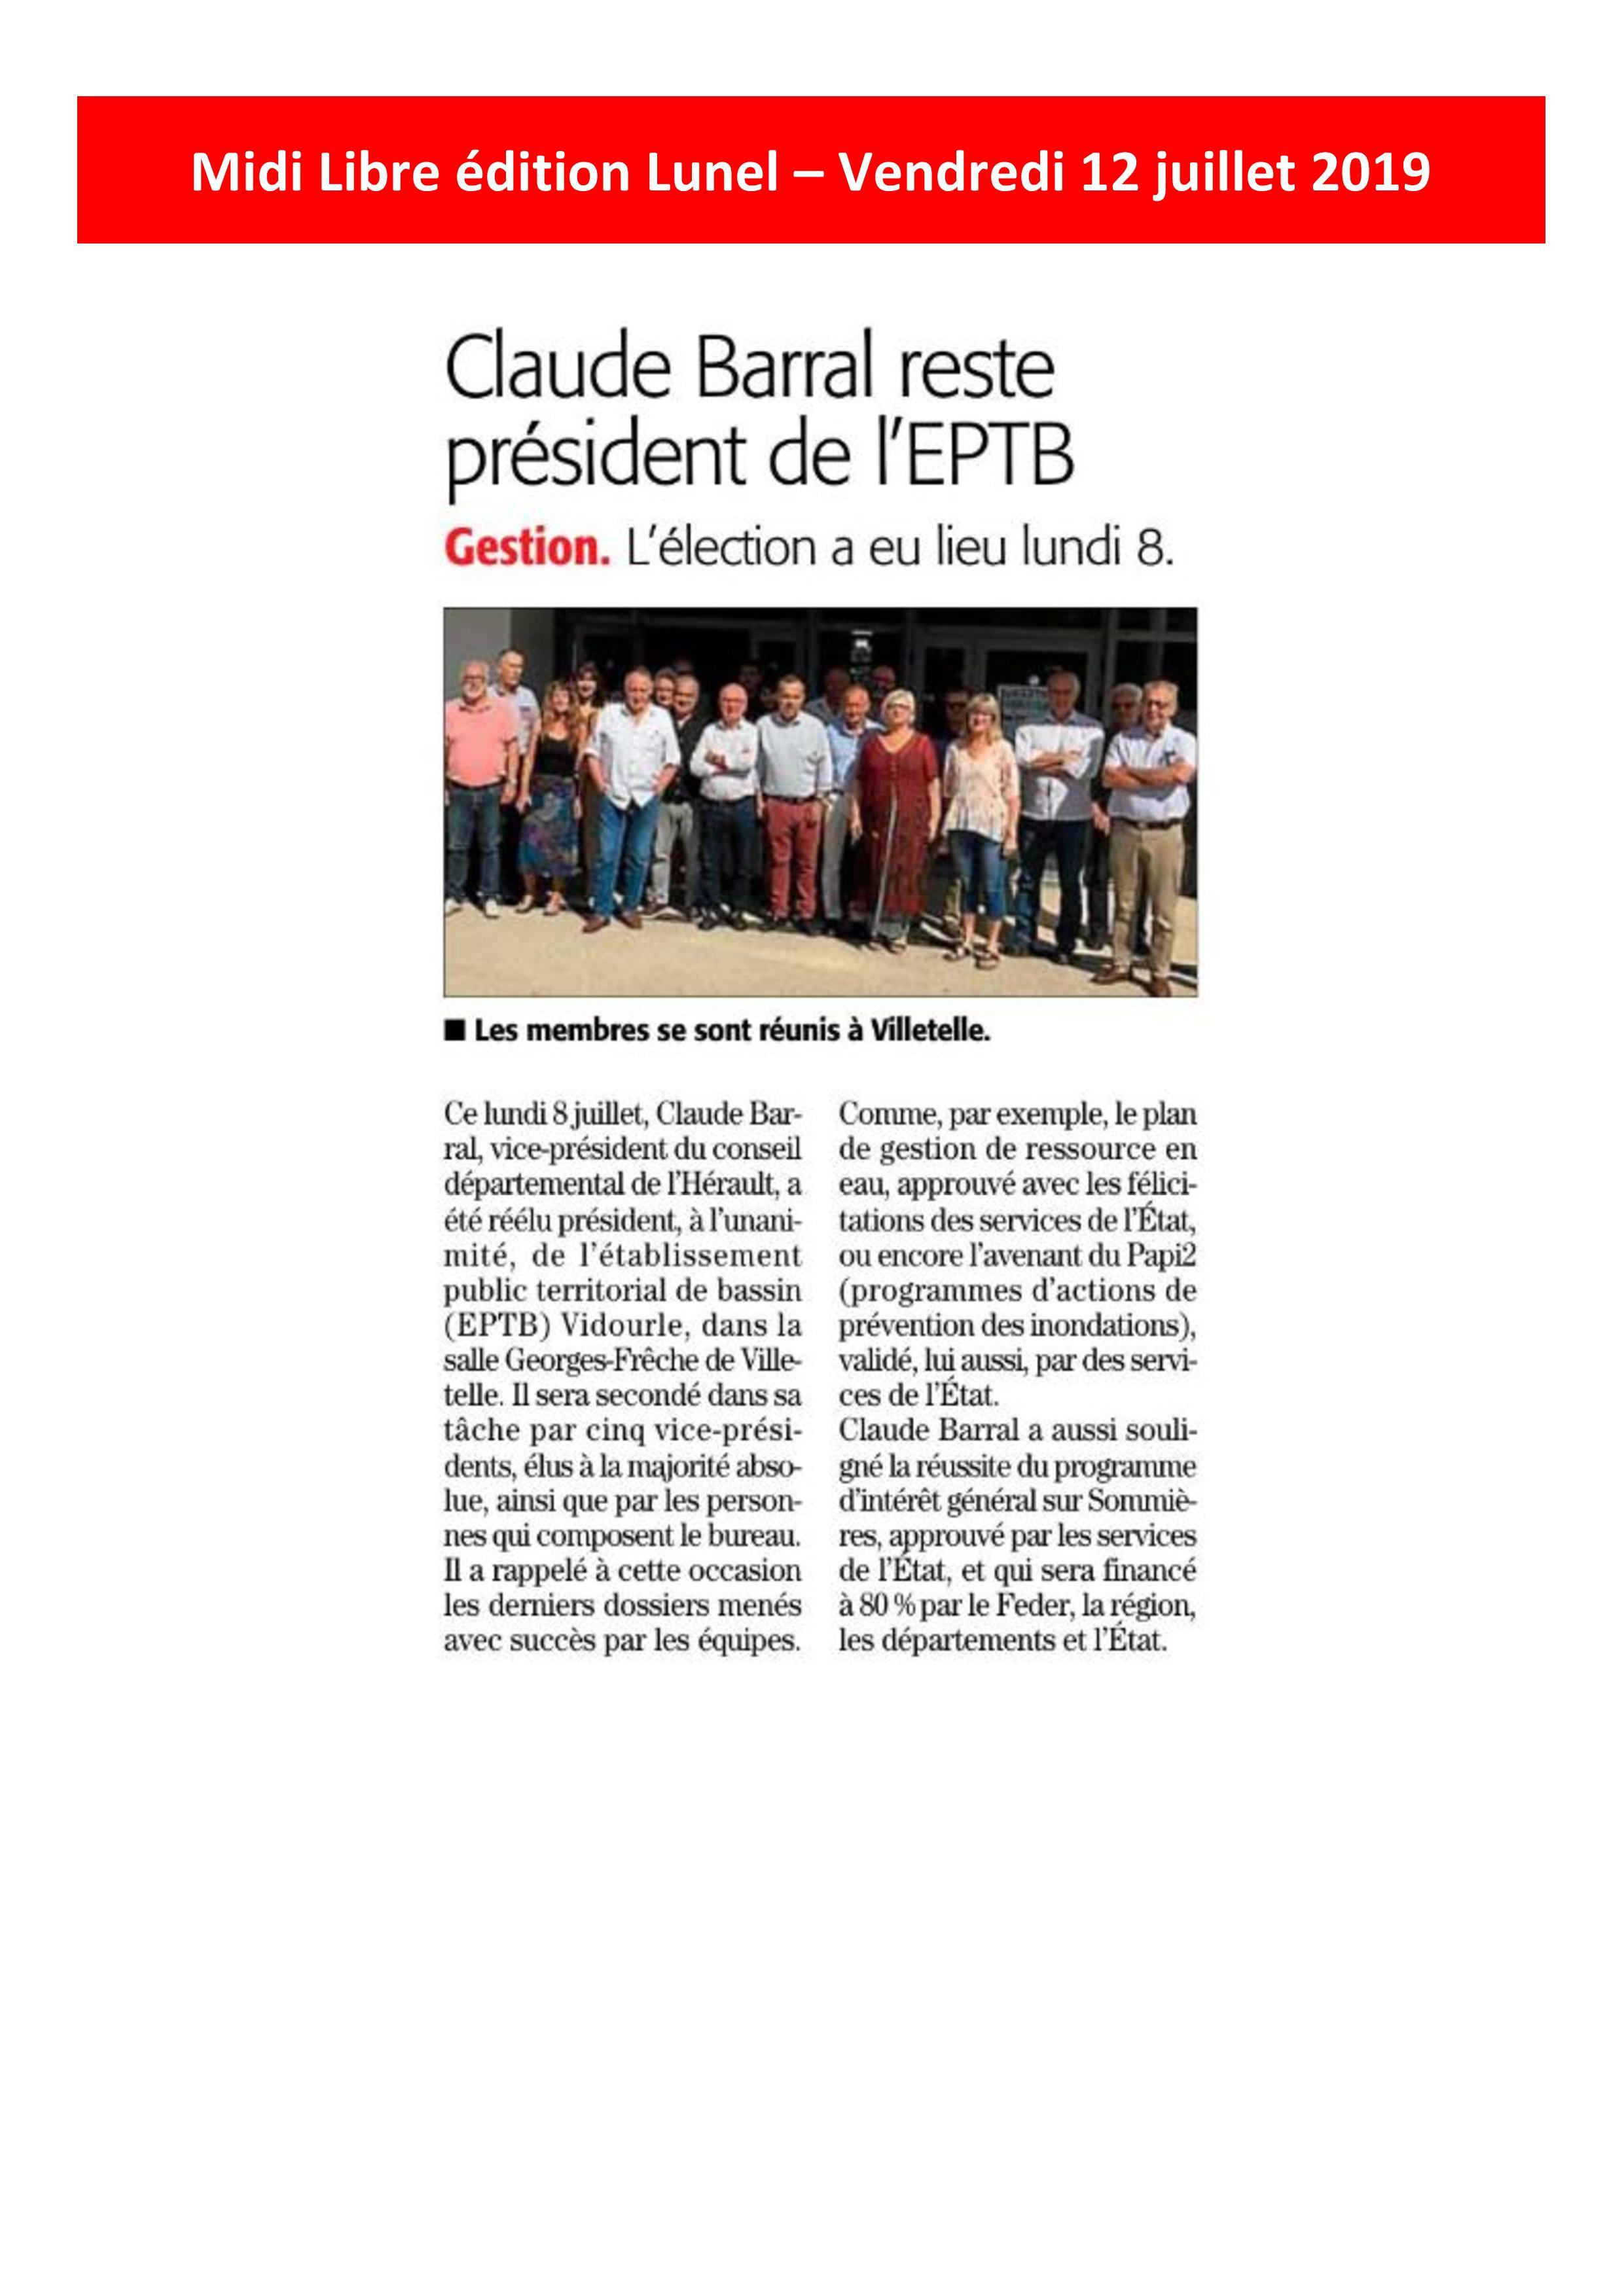 Claude BARRAL reste Président de l'EPTB Vidourle